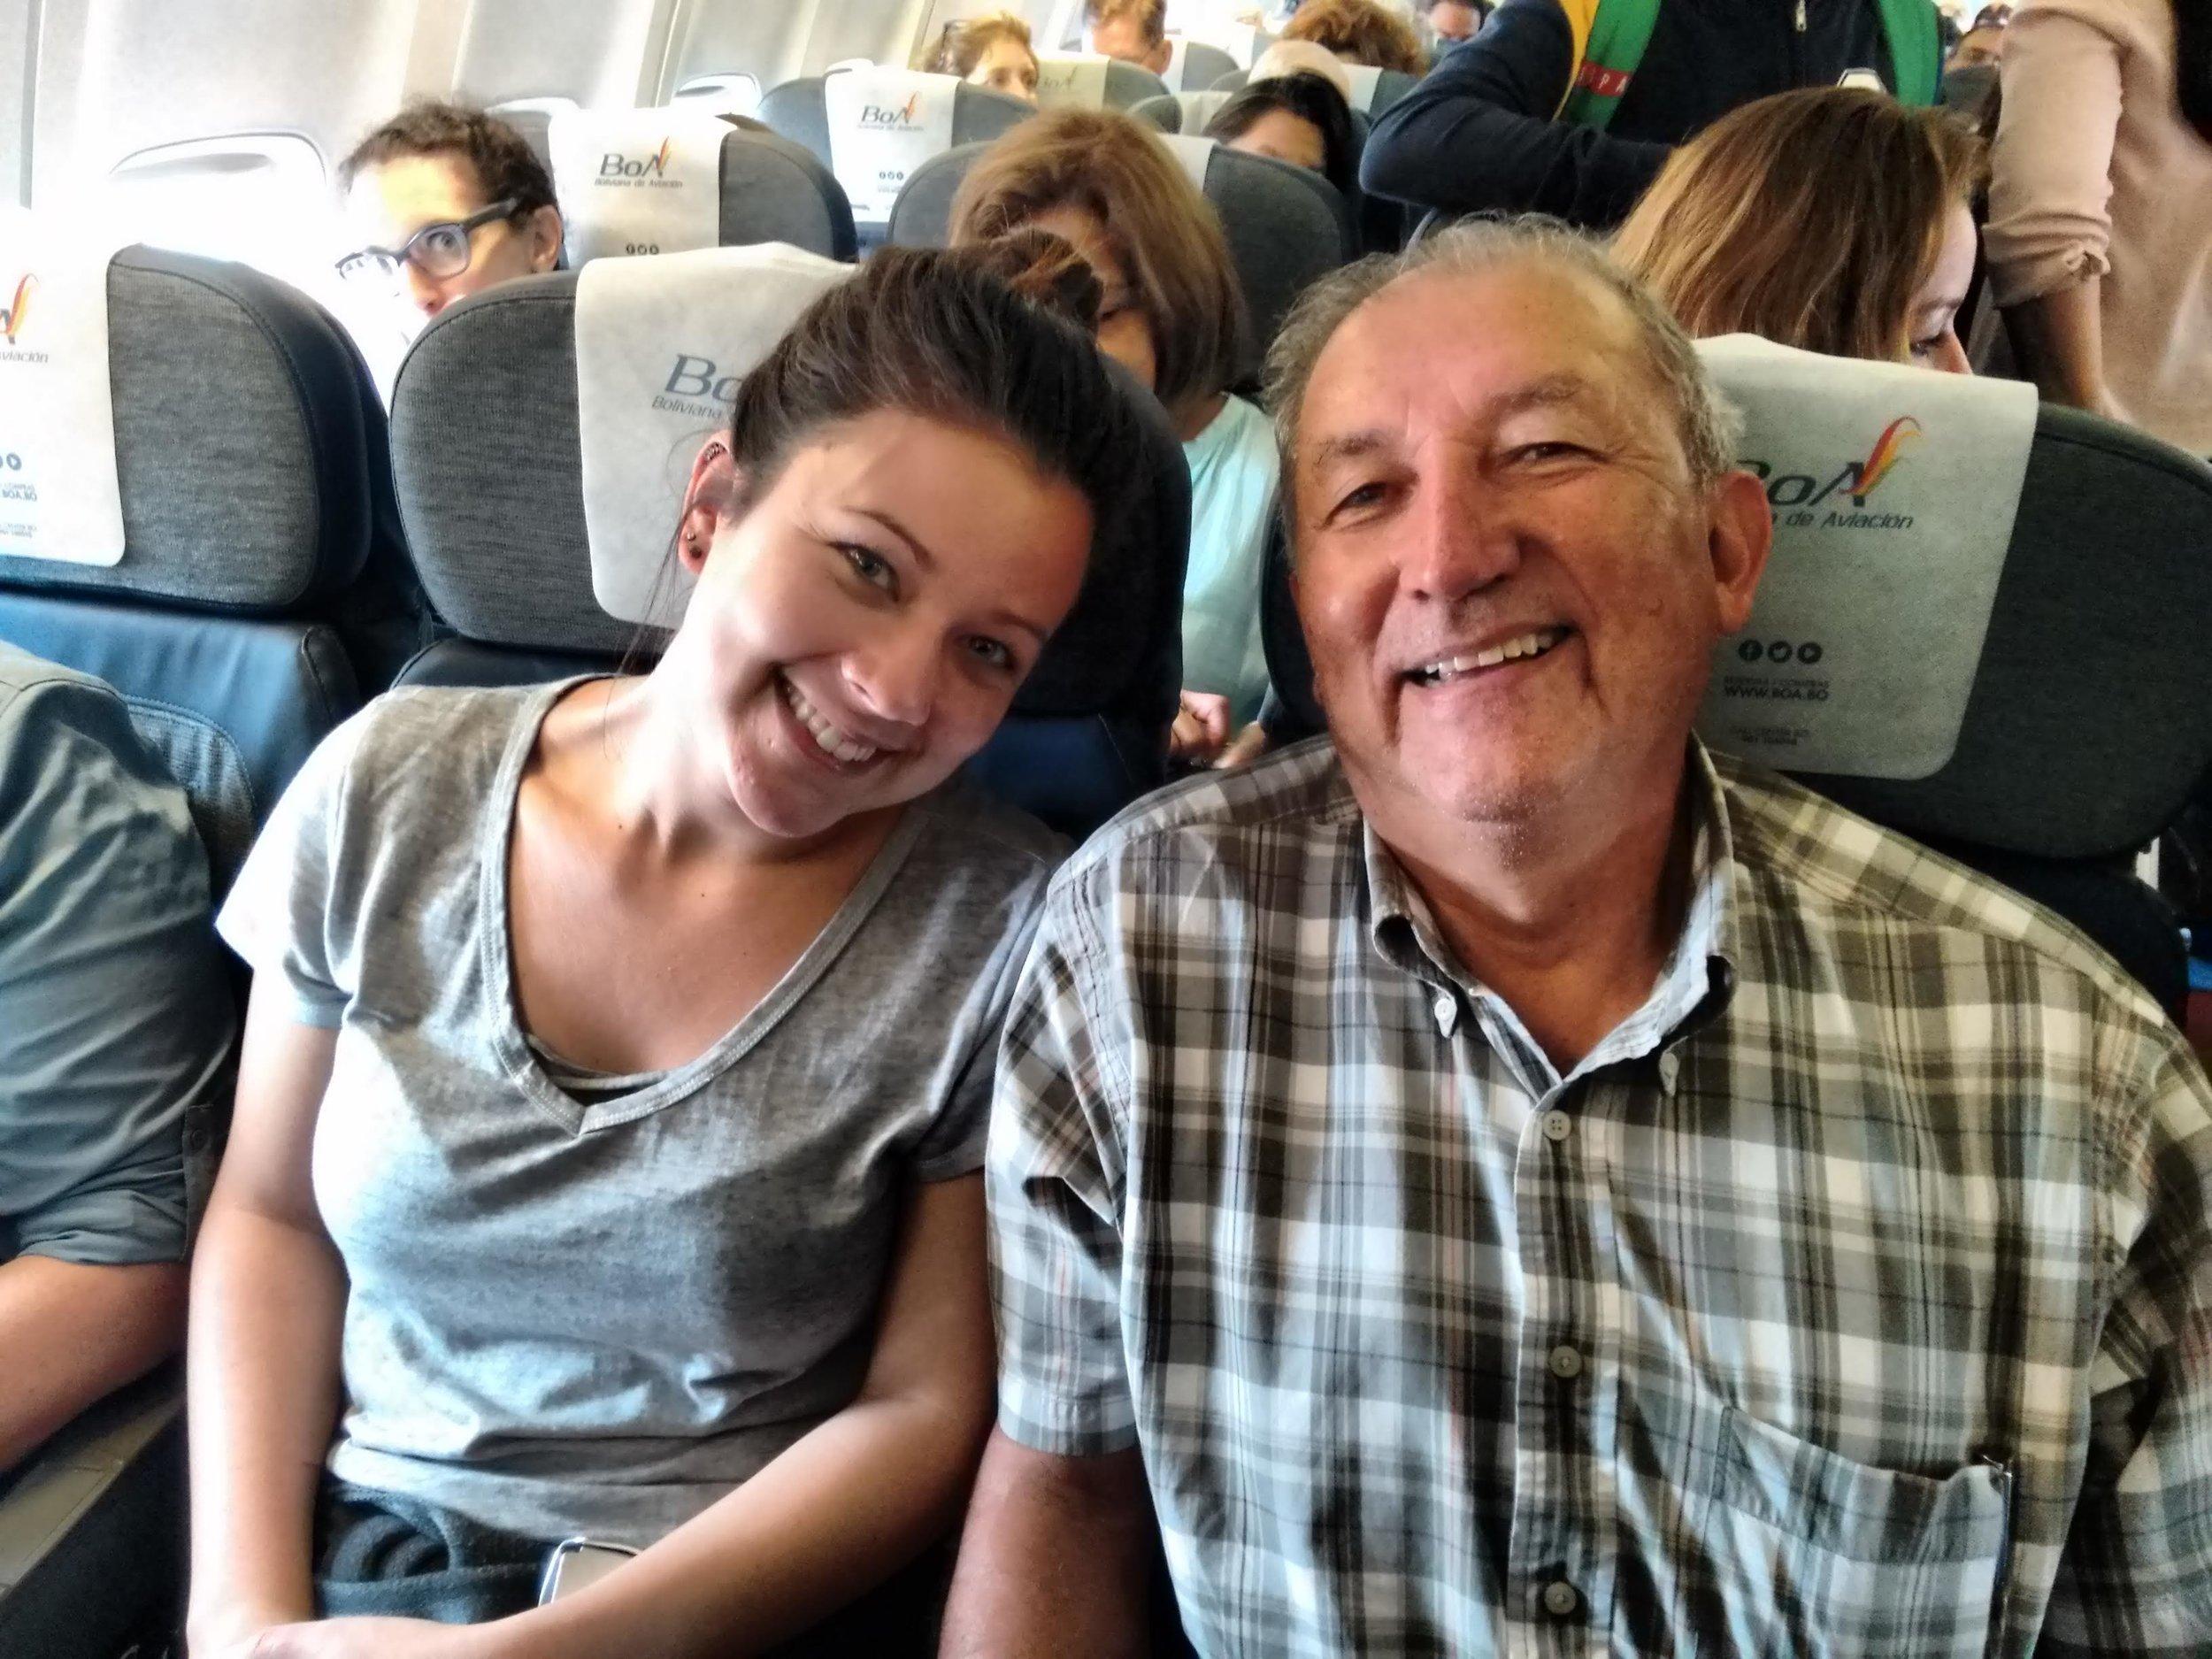 Kristina Via-Reque and Dr. Enrique Via-Reque travel together on their flight to Cochabamba.